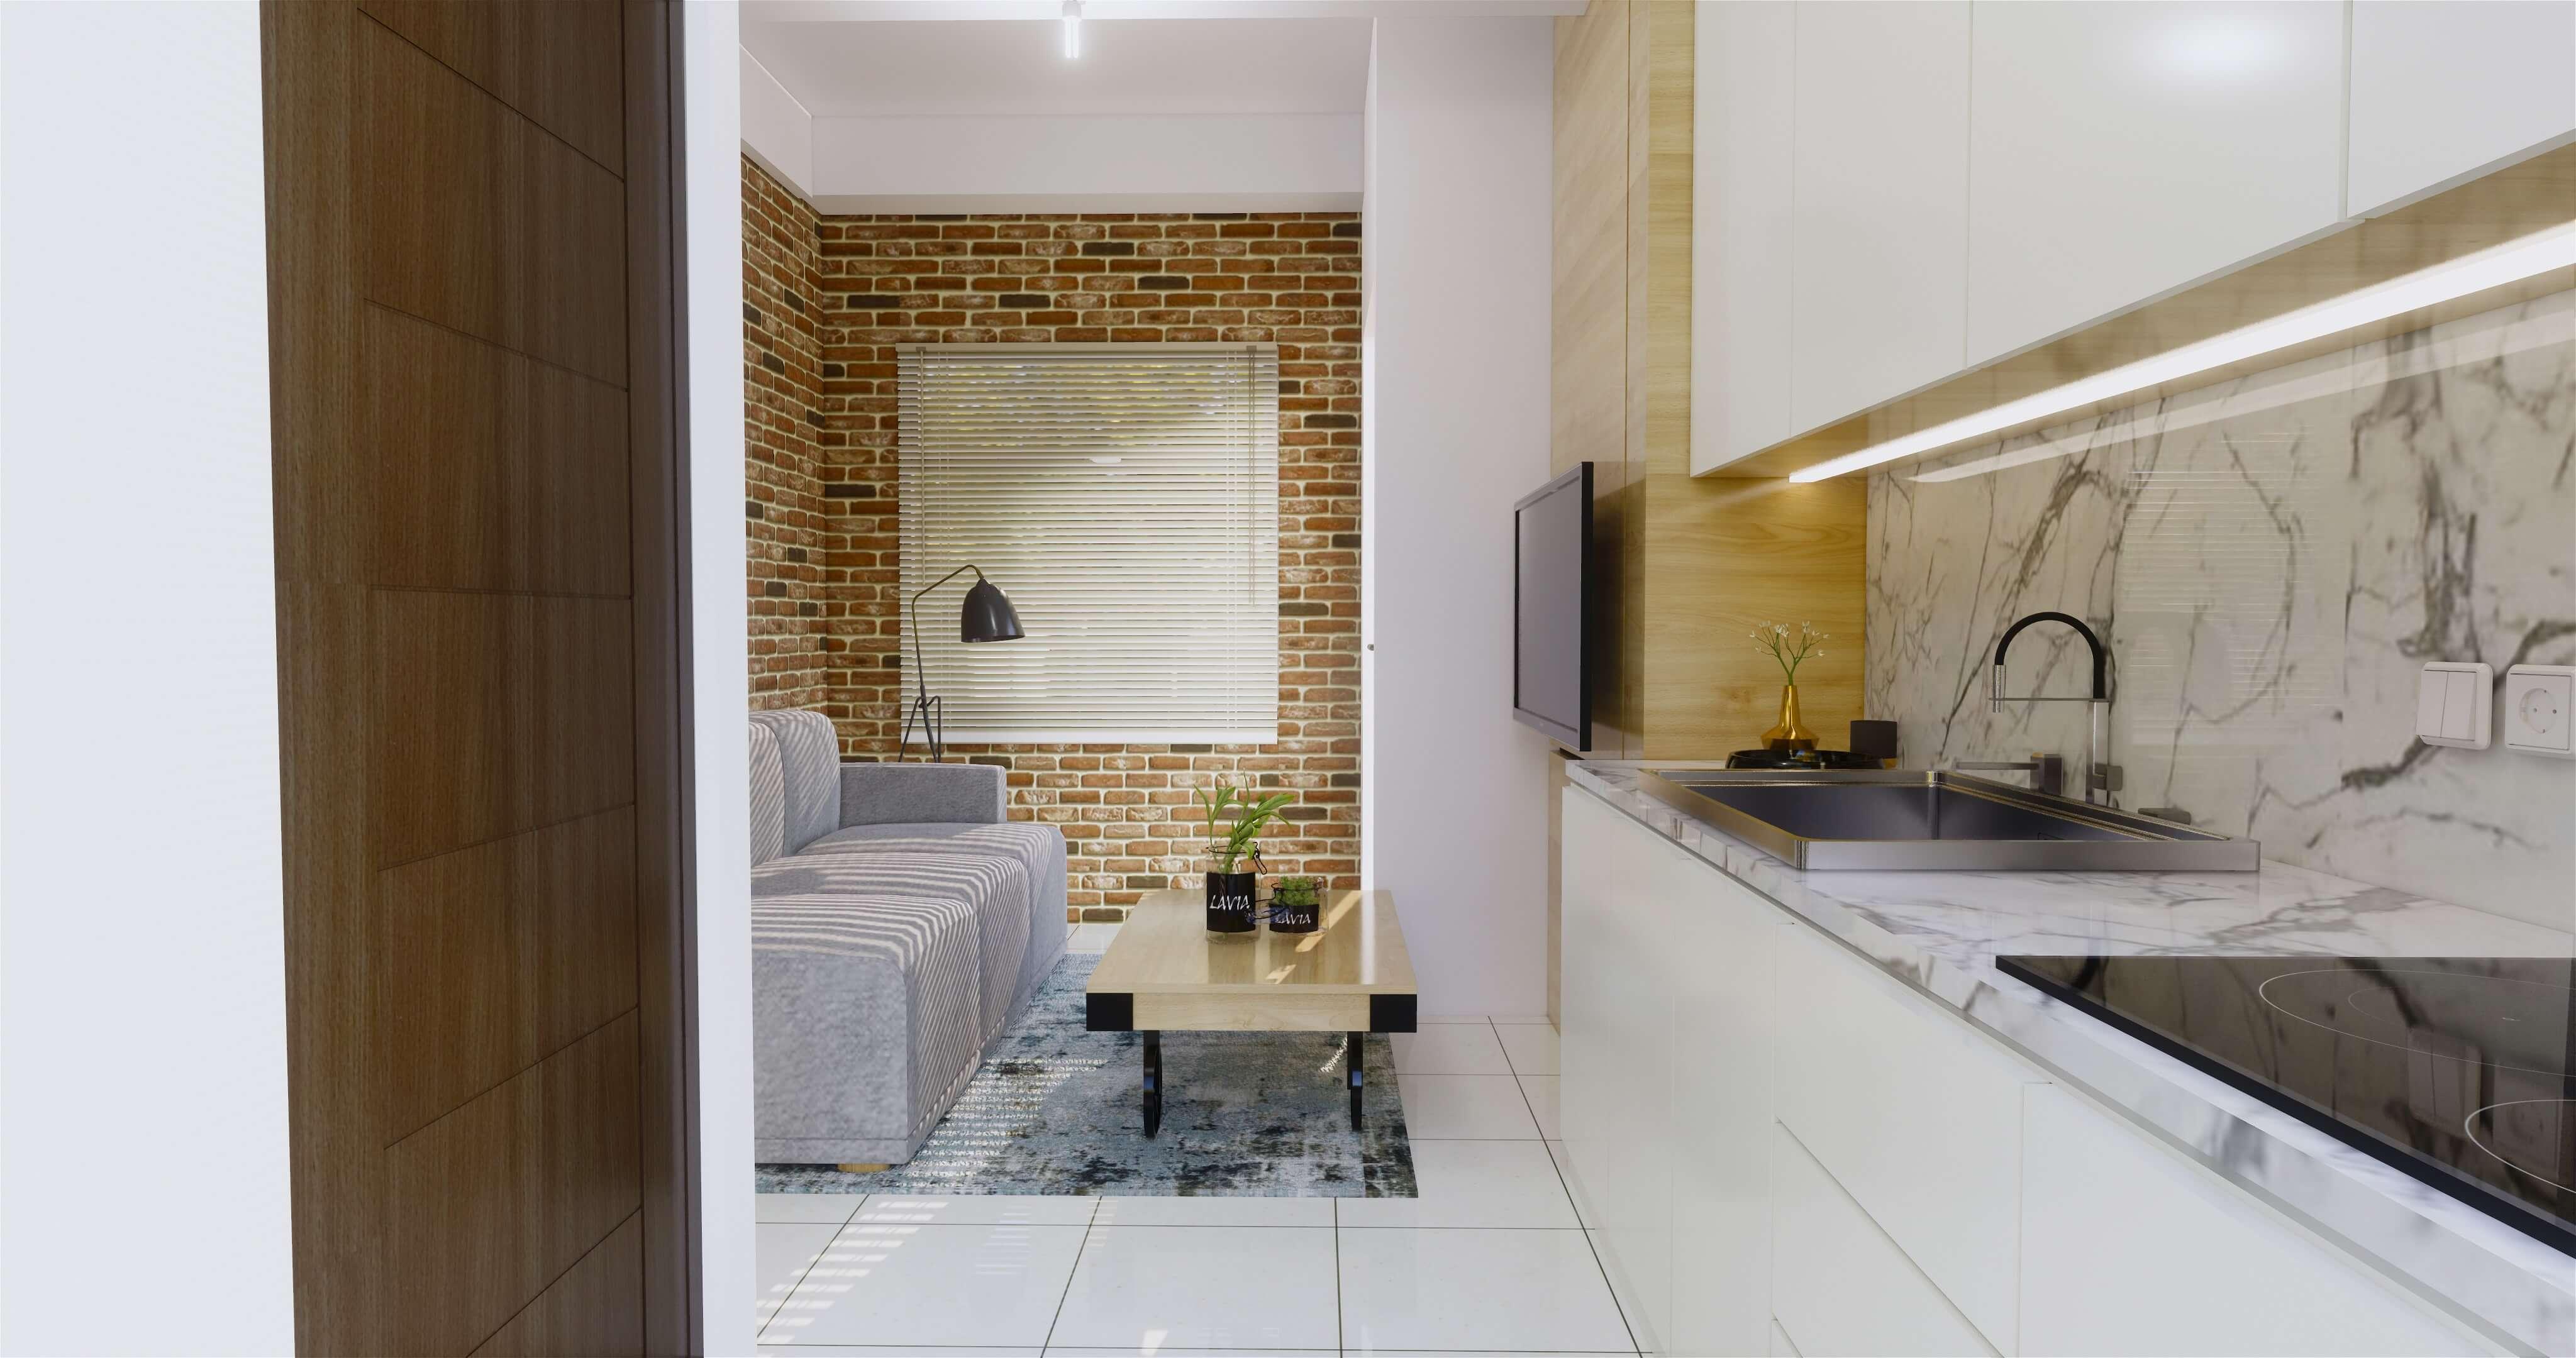 Desain interior apartment industrial